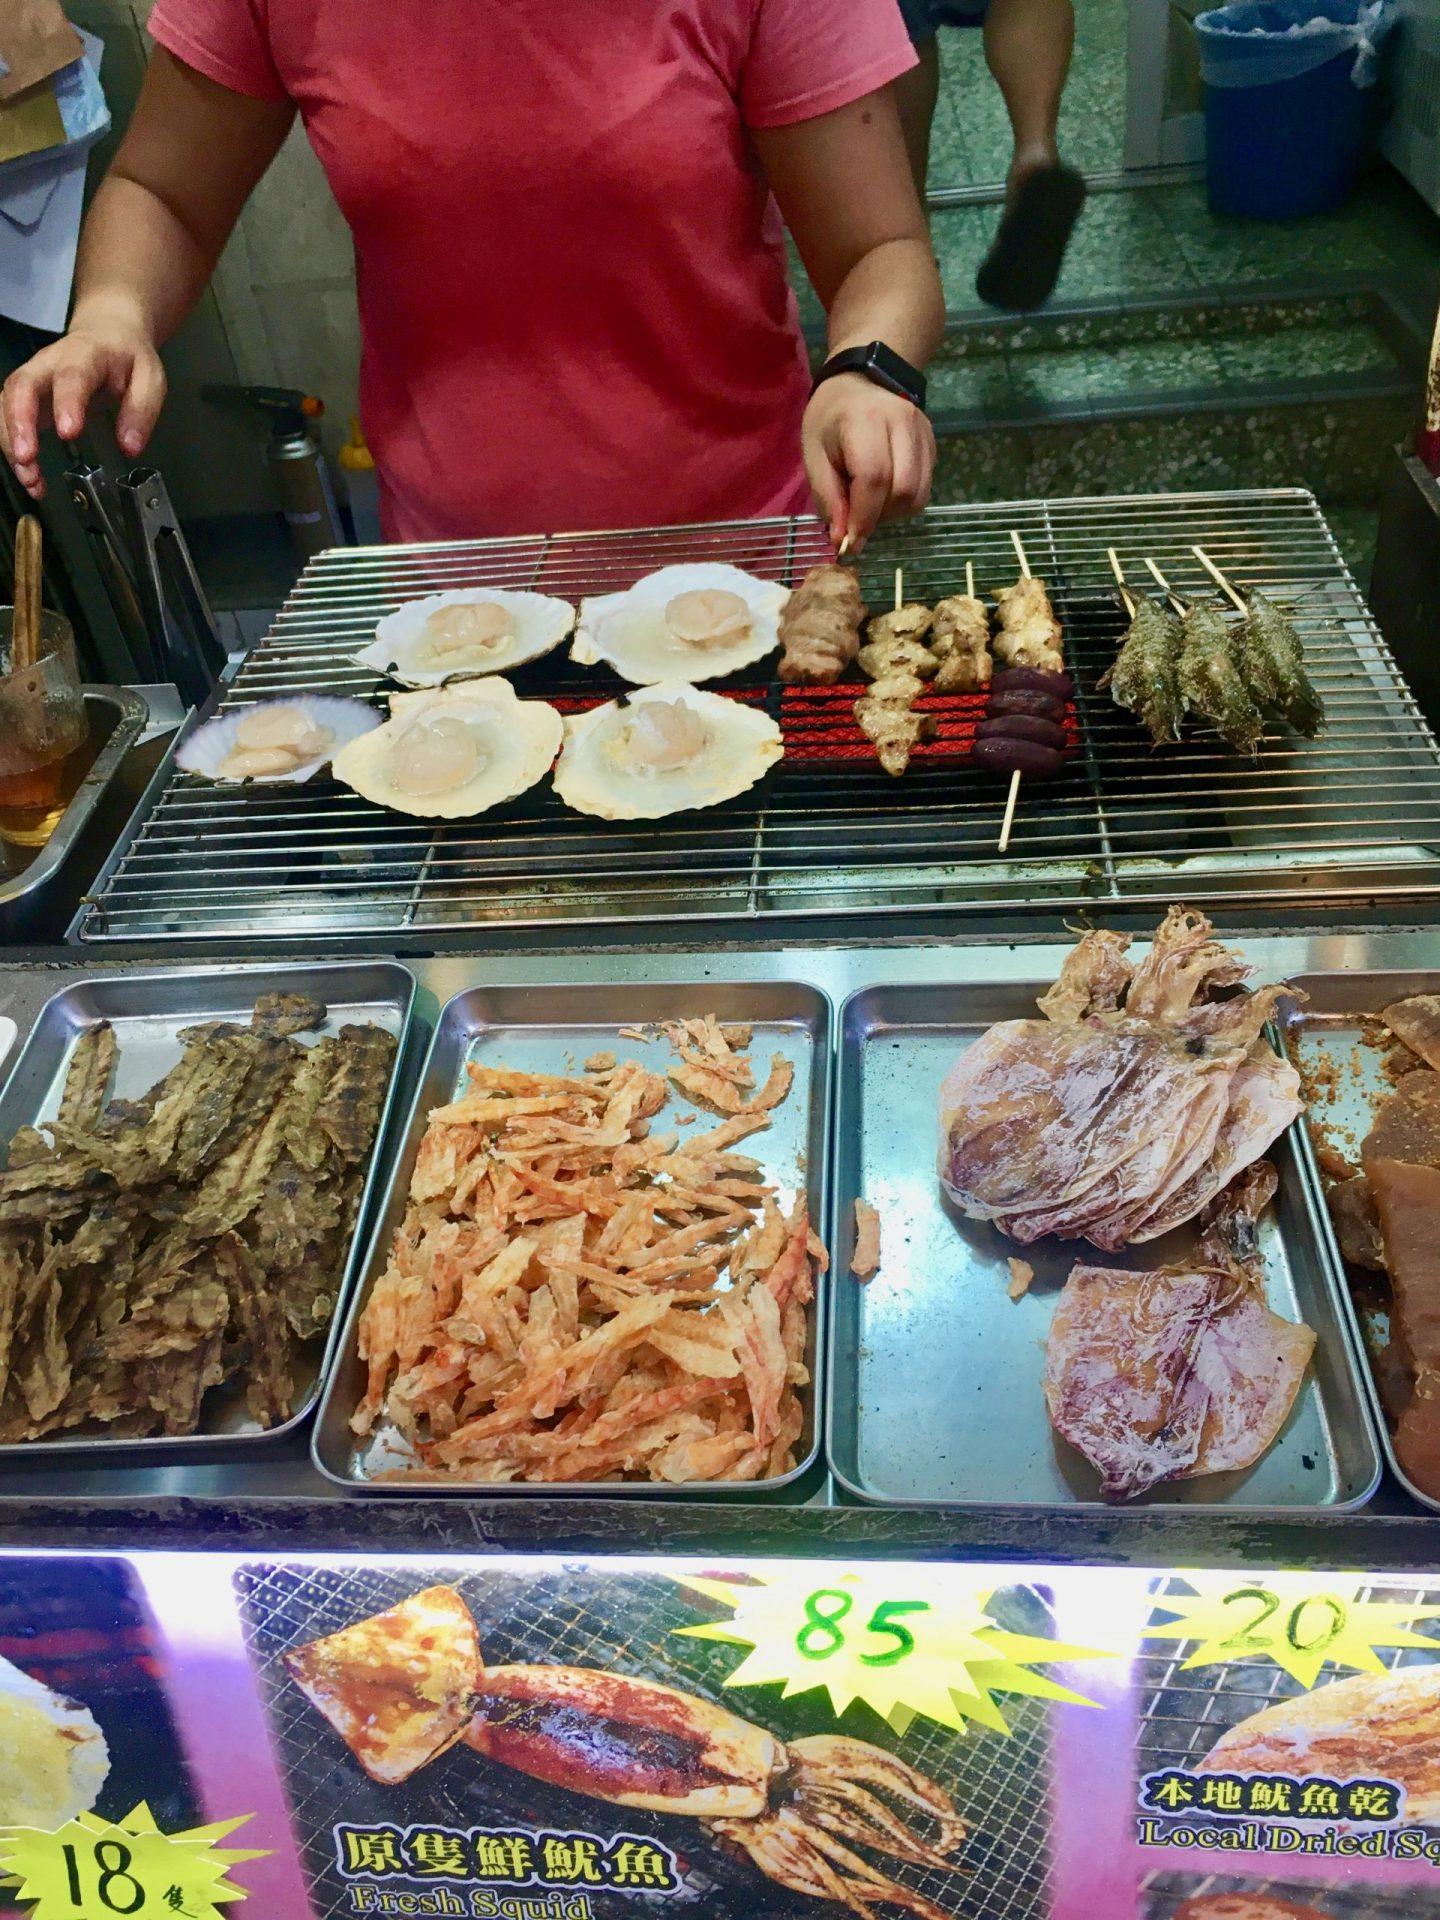 A street food stall in Tai O, Hong Kong